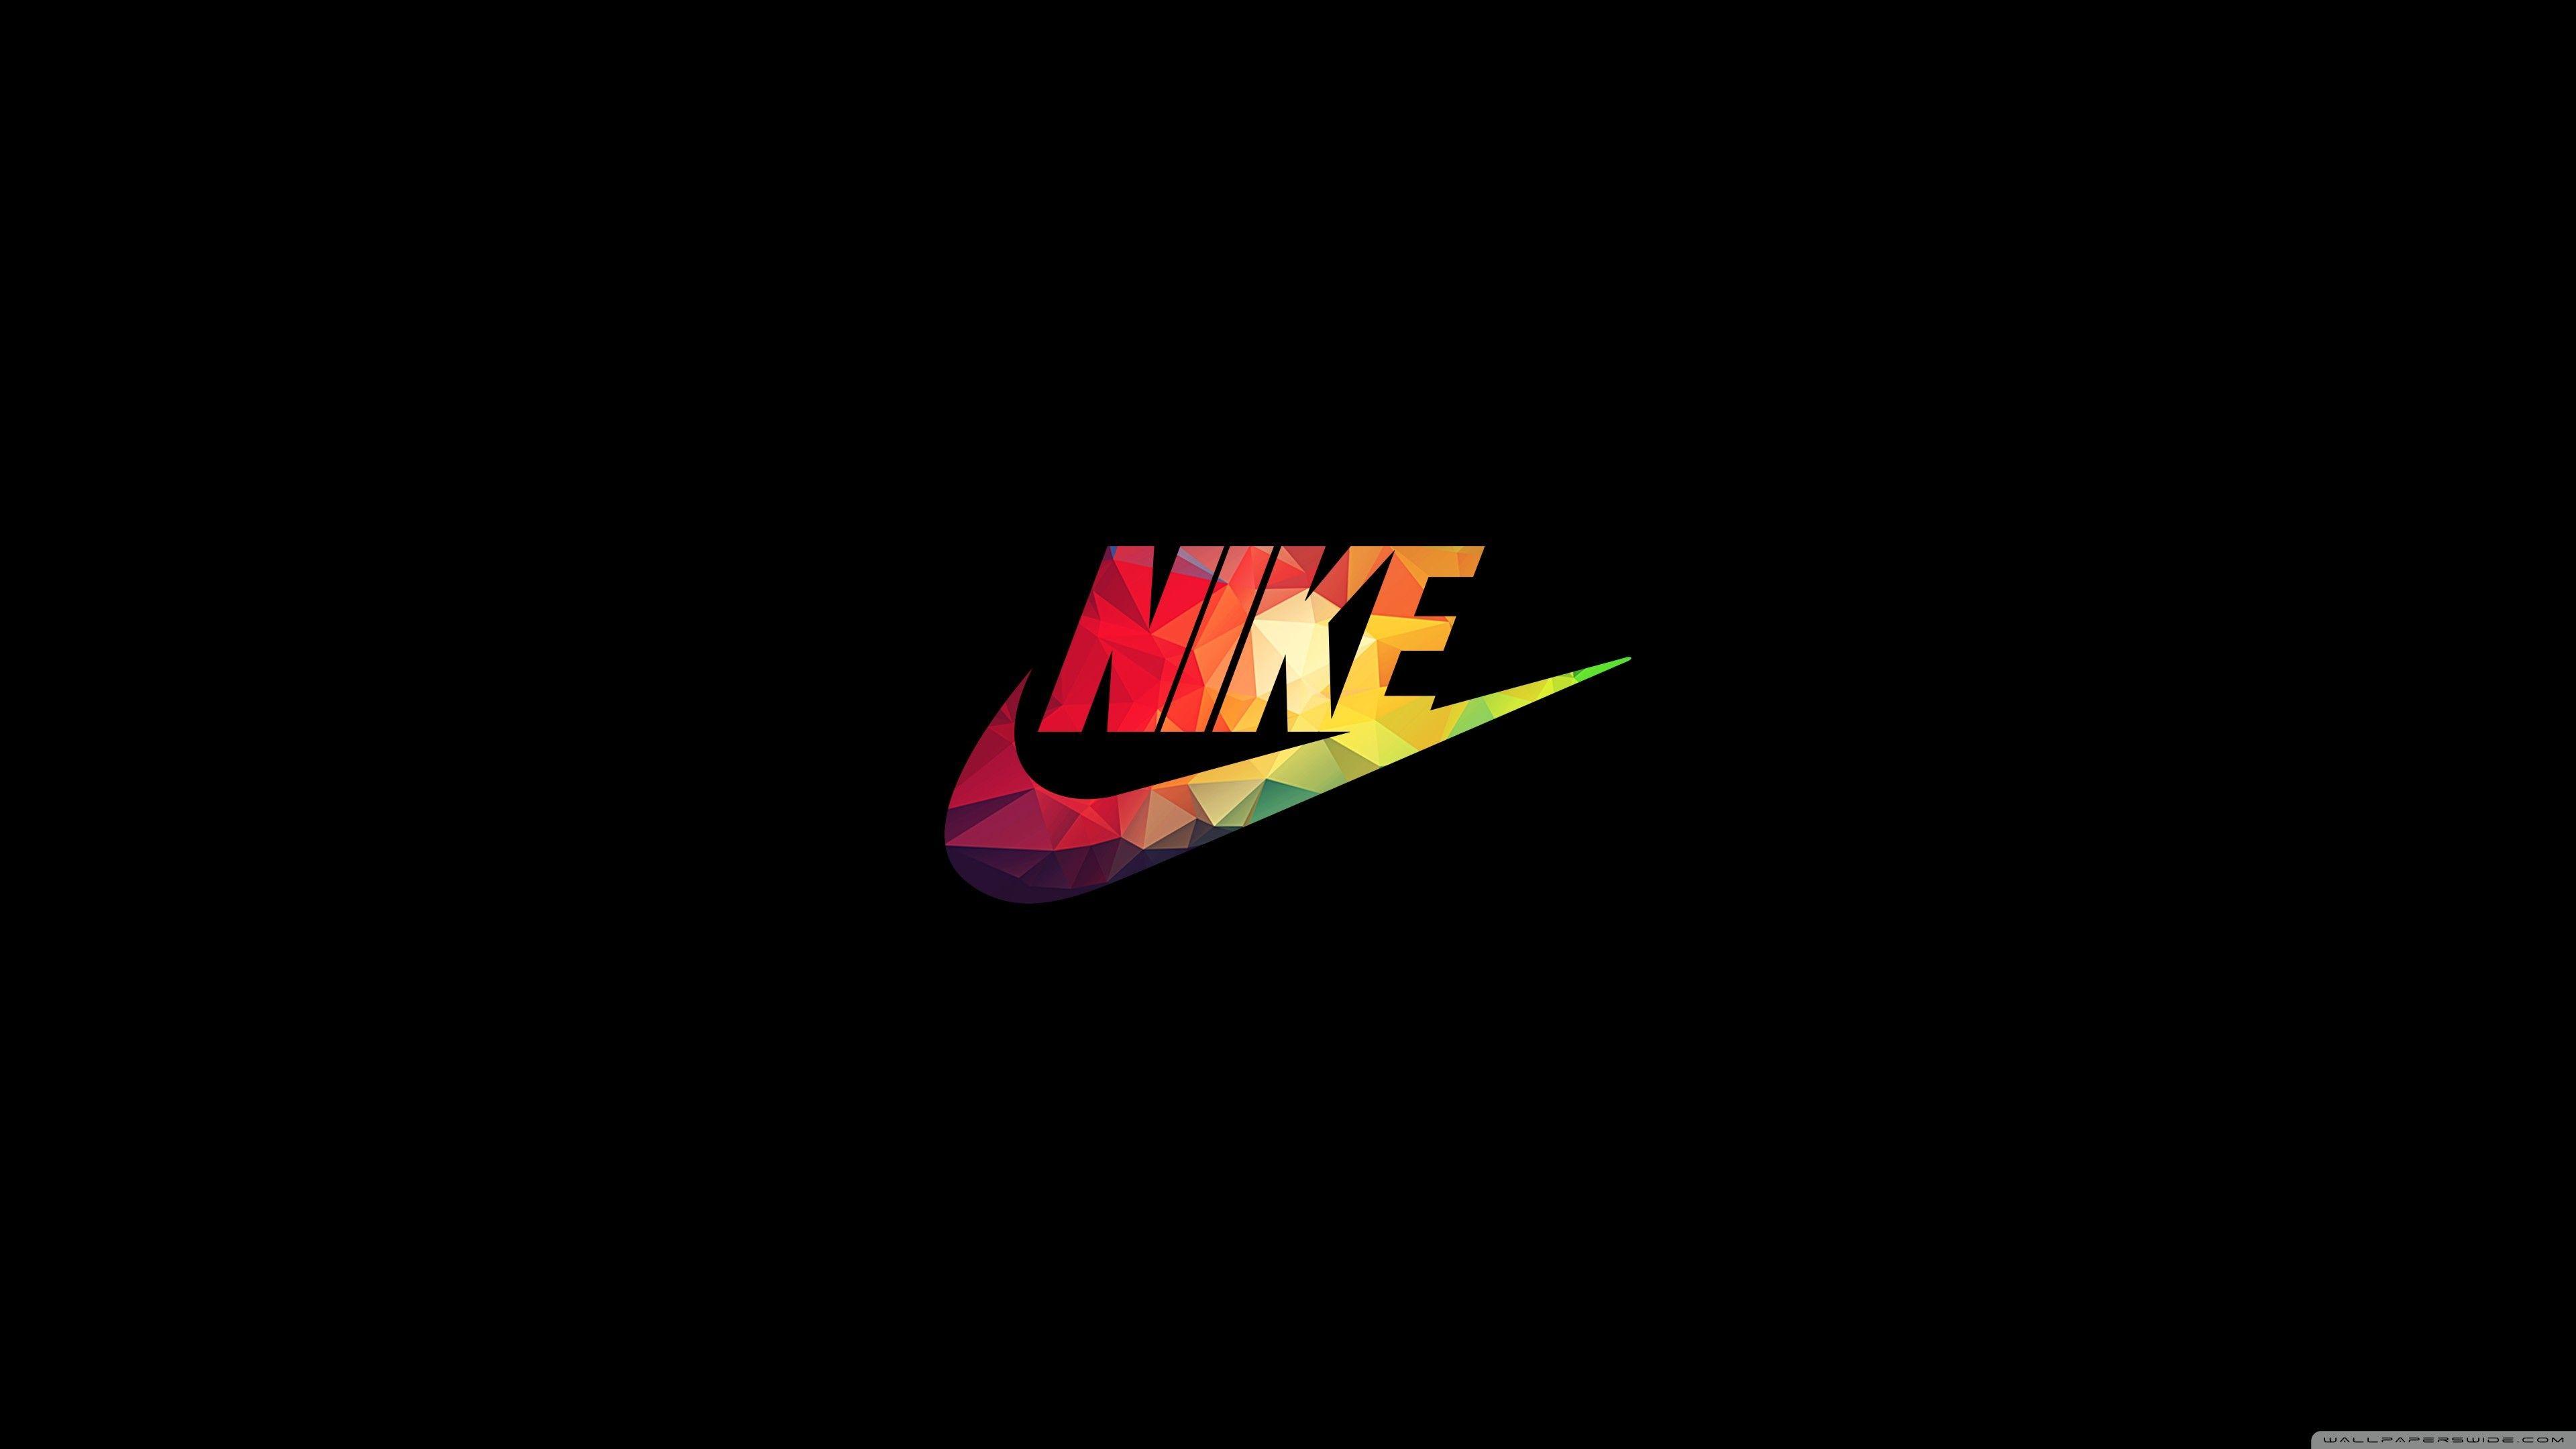 Wallpaper For Laptop Nike